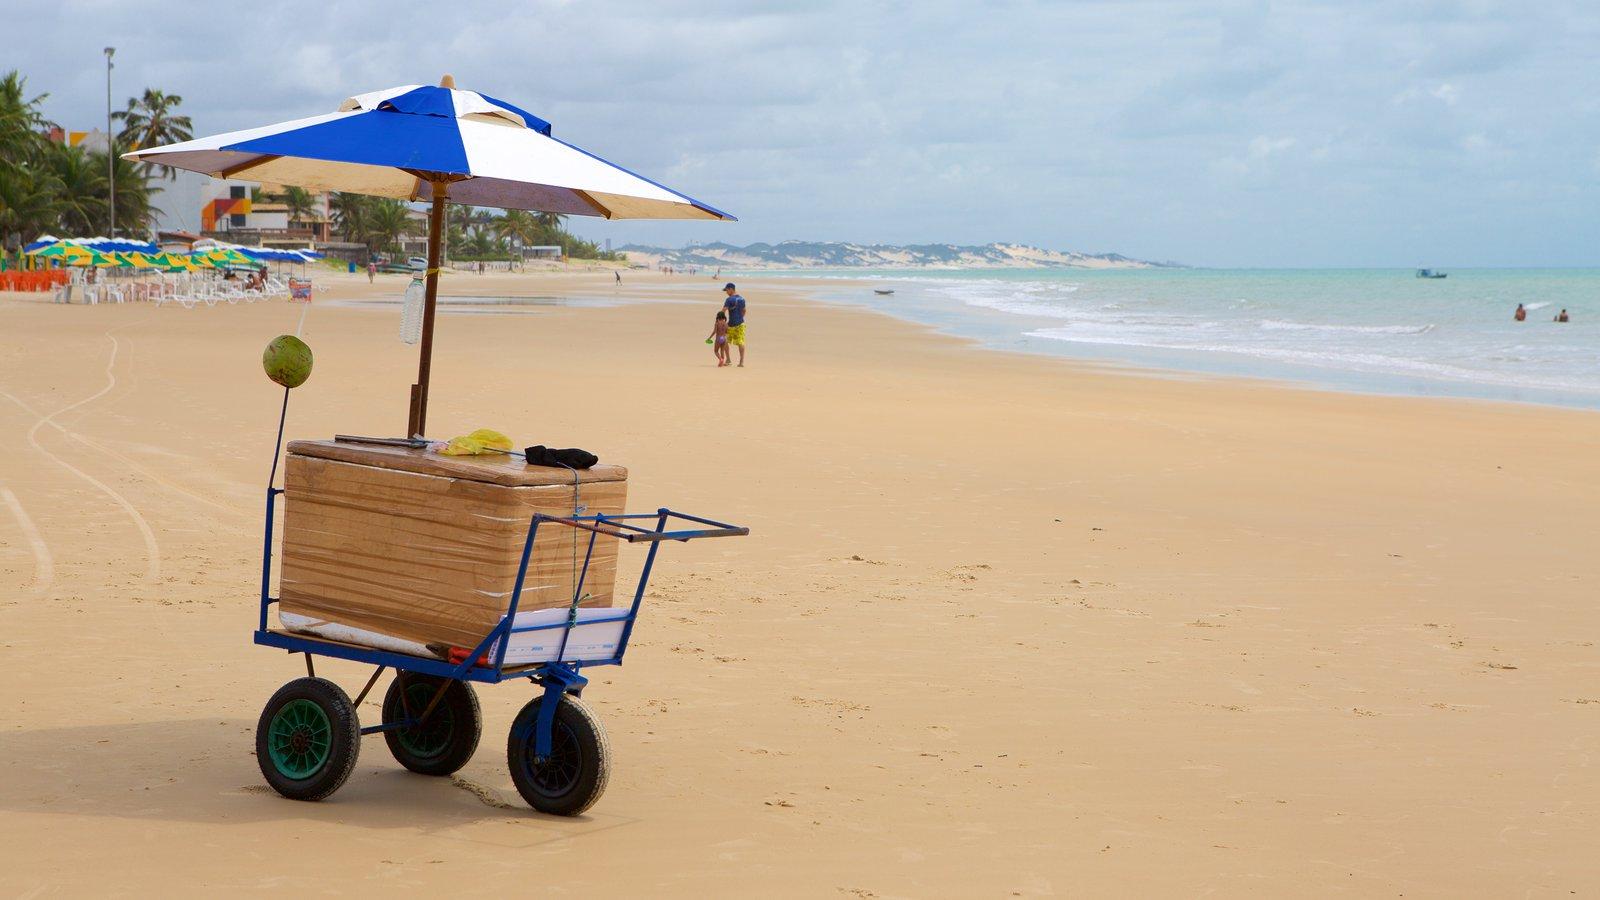 Praia de Pirangi mostrando paisagens litorâneas e uma praia de areia